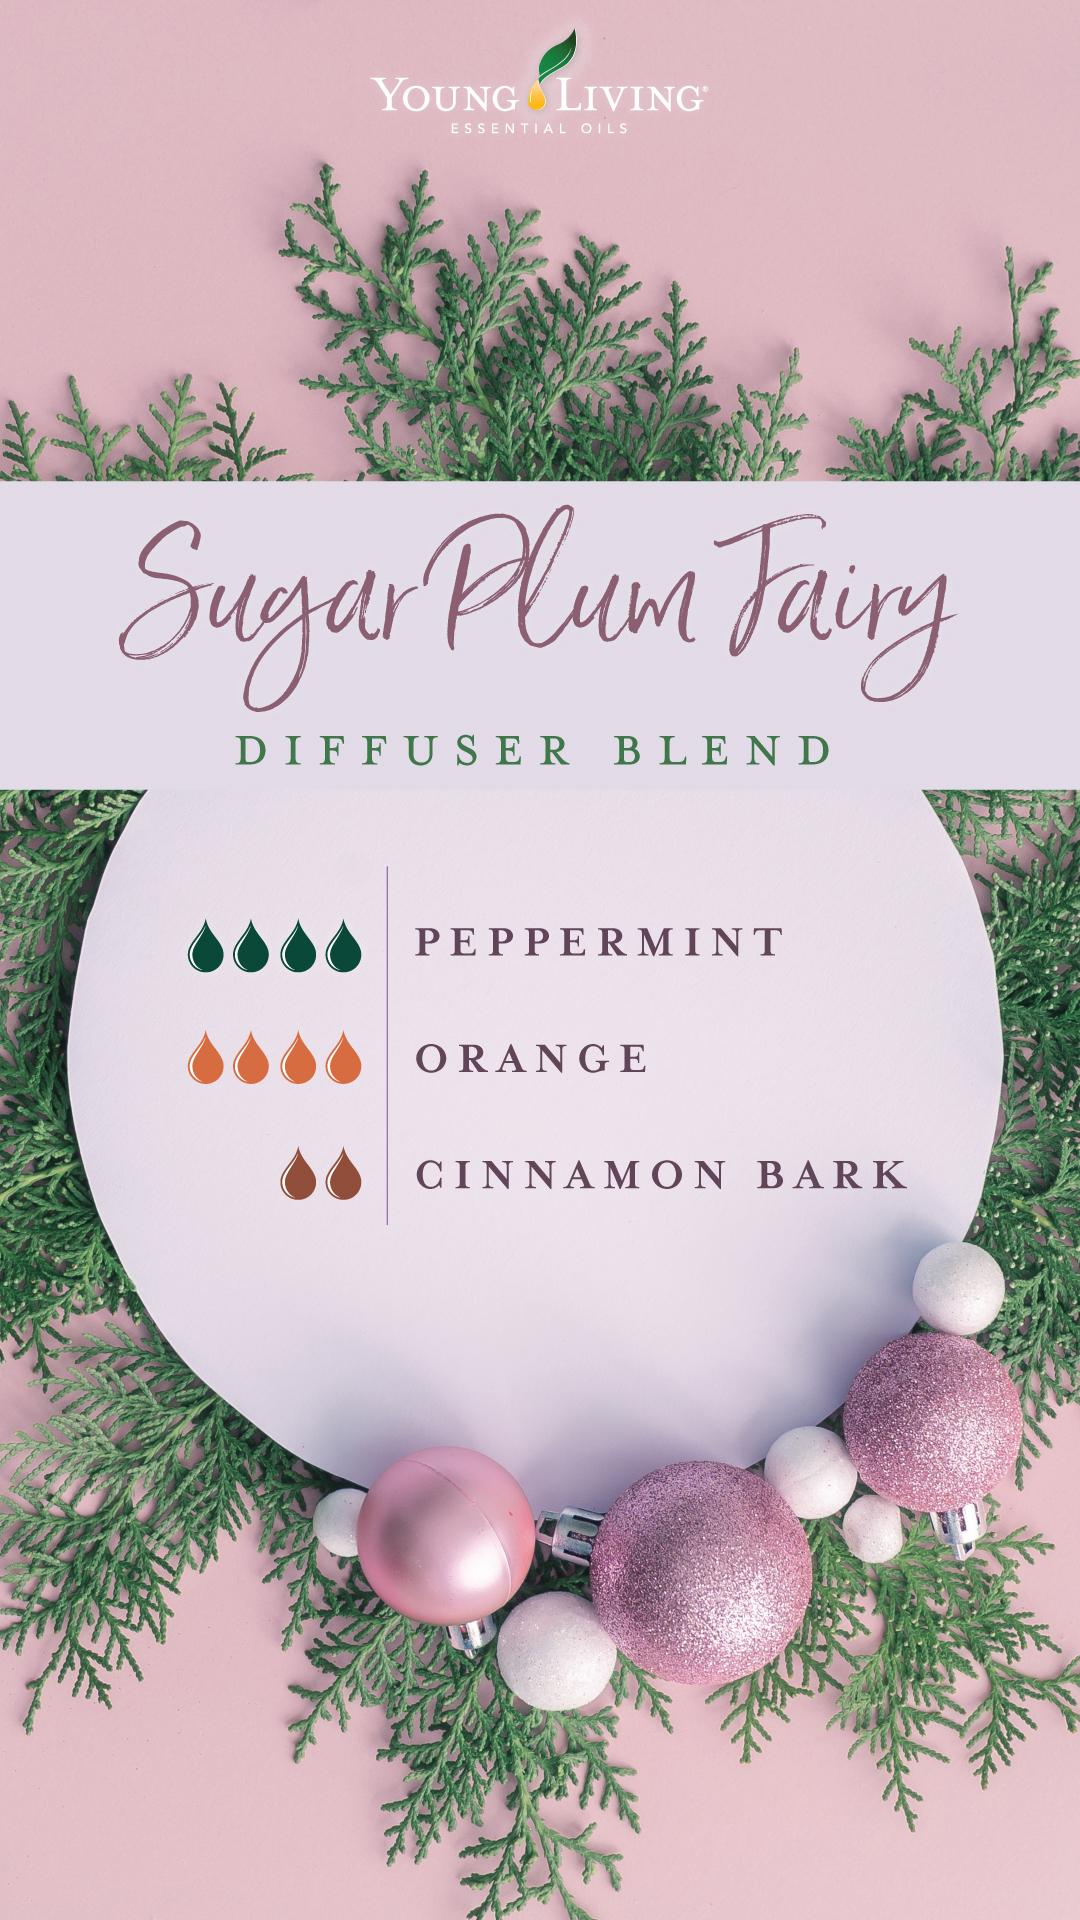 Sugar Plum Fairy Diffuser Blend